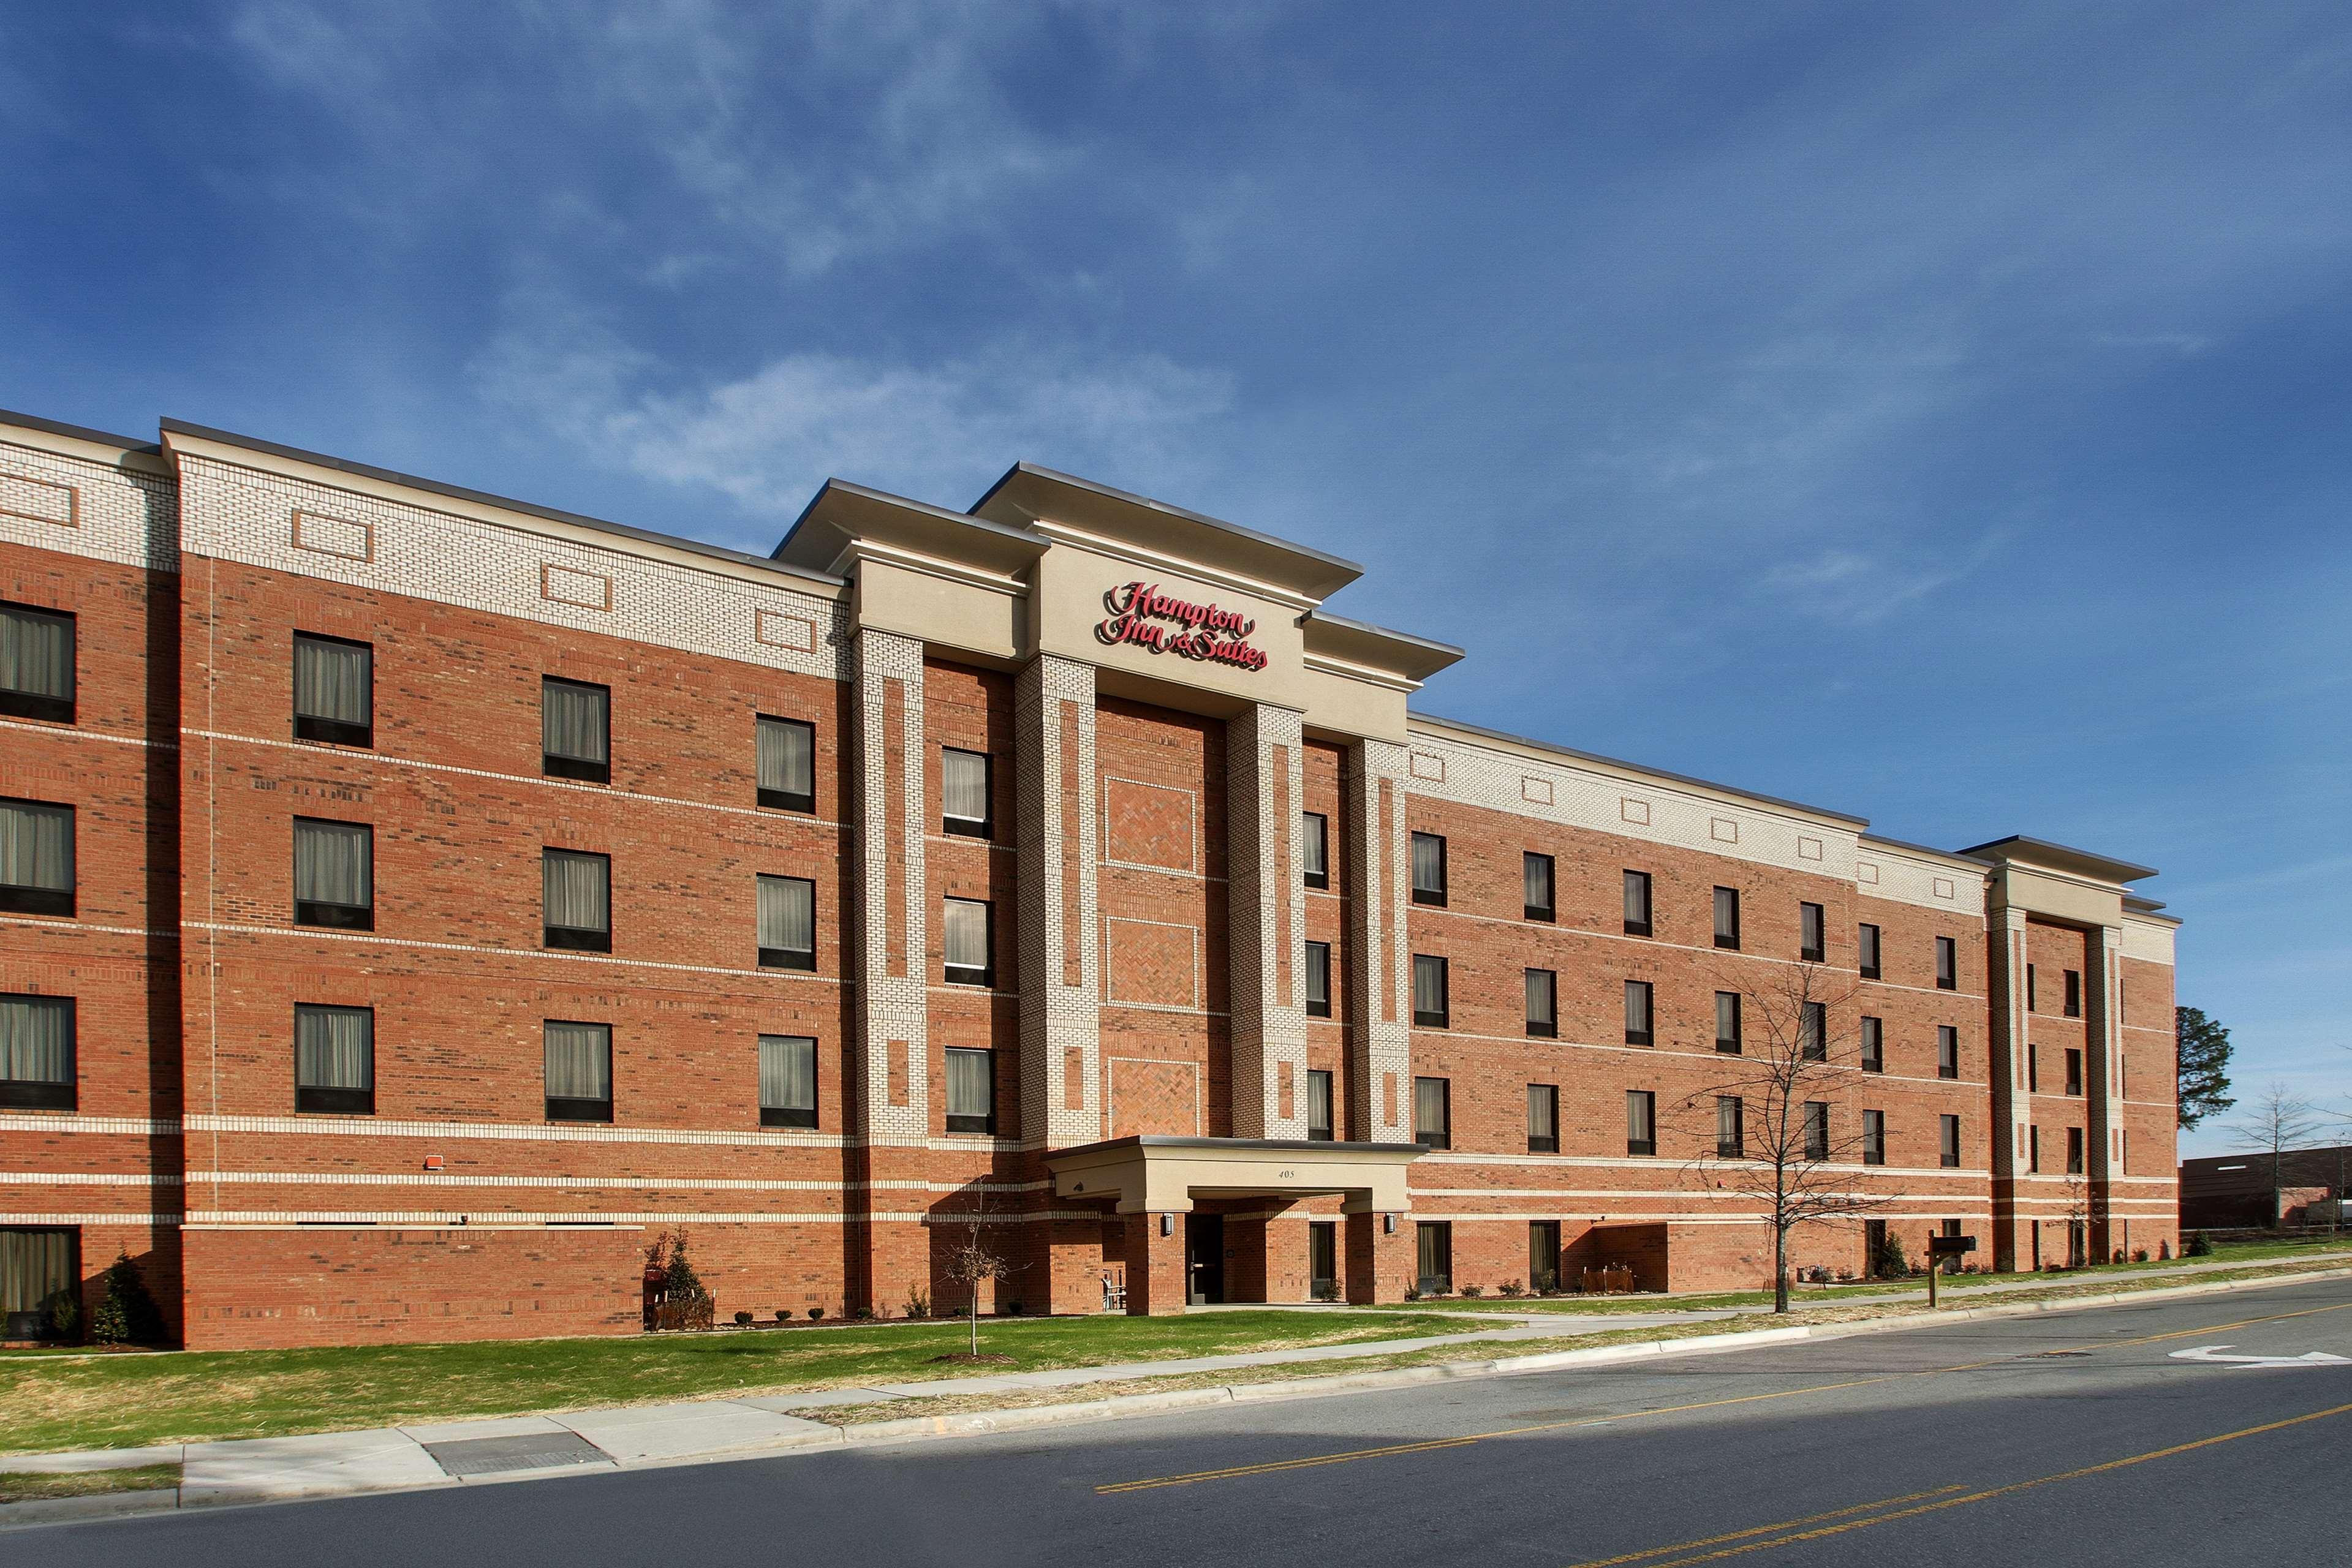 Hampton Inn & Suites Knightdale Raleigh image 0